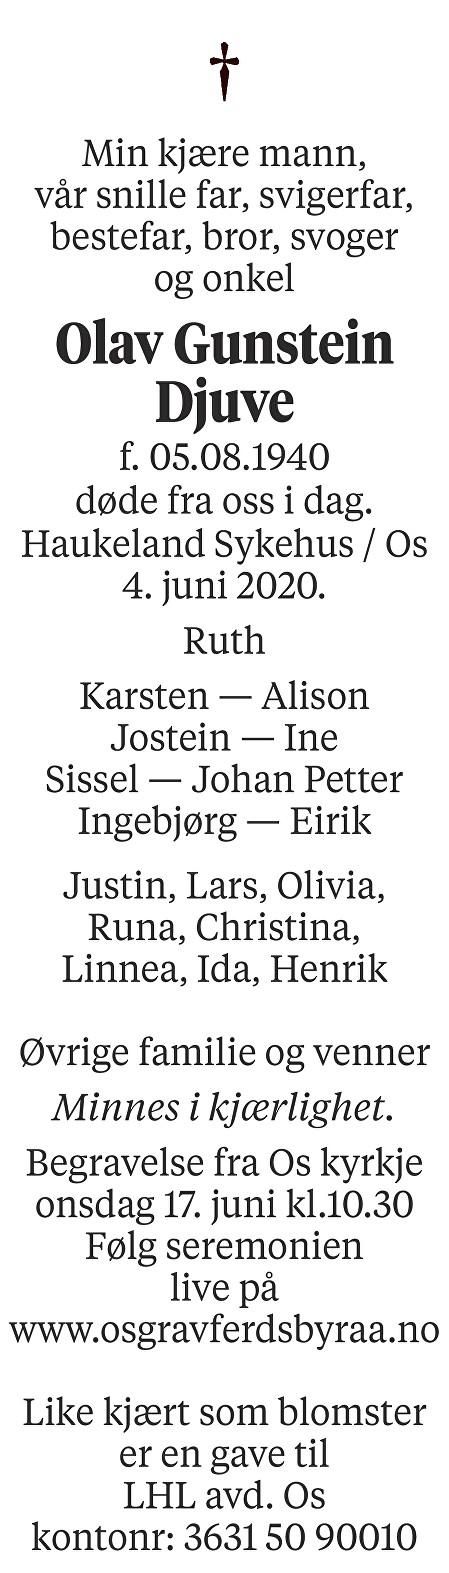 Olav Gunstein Djuve Dødsannonse